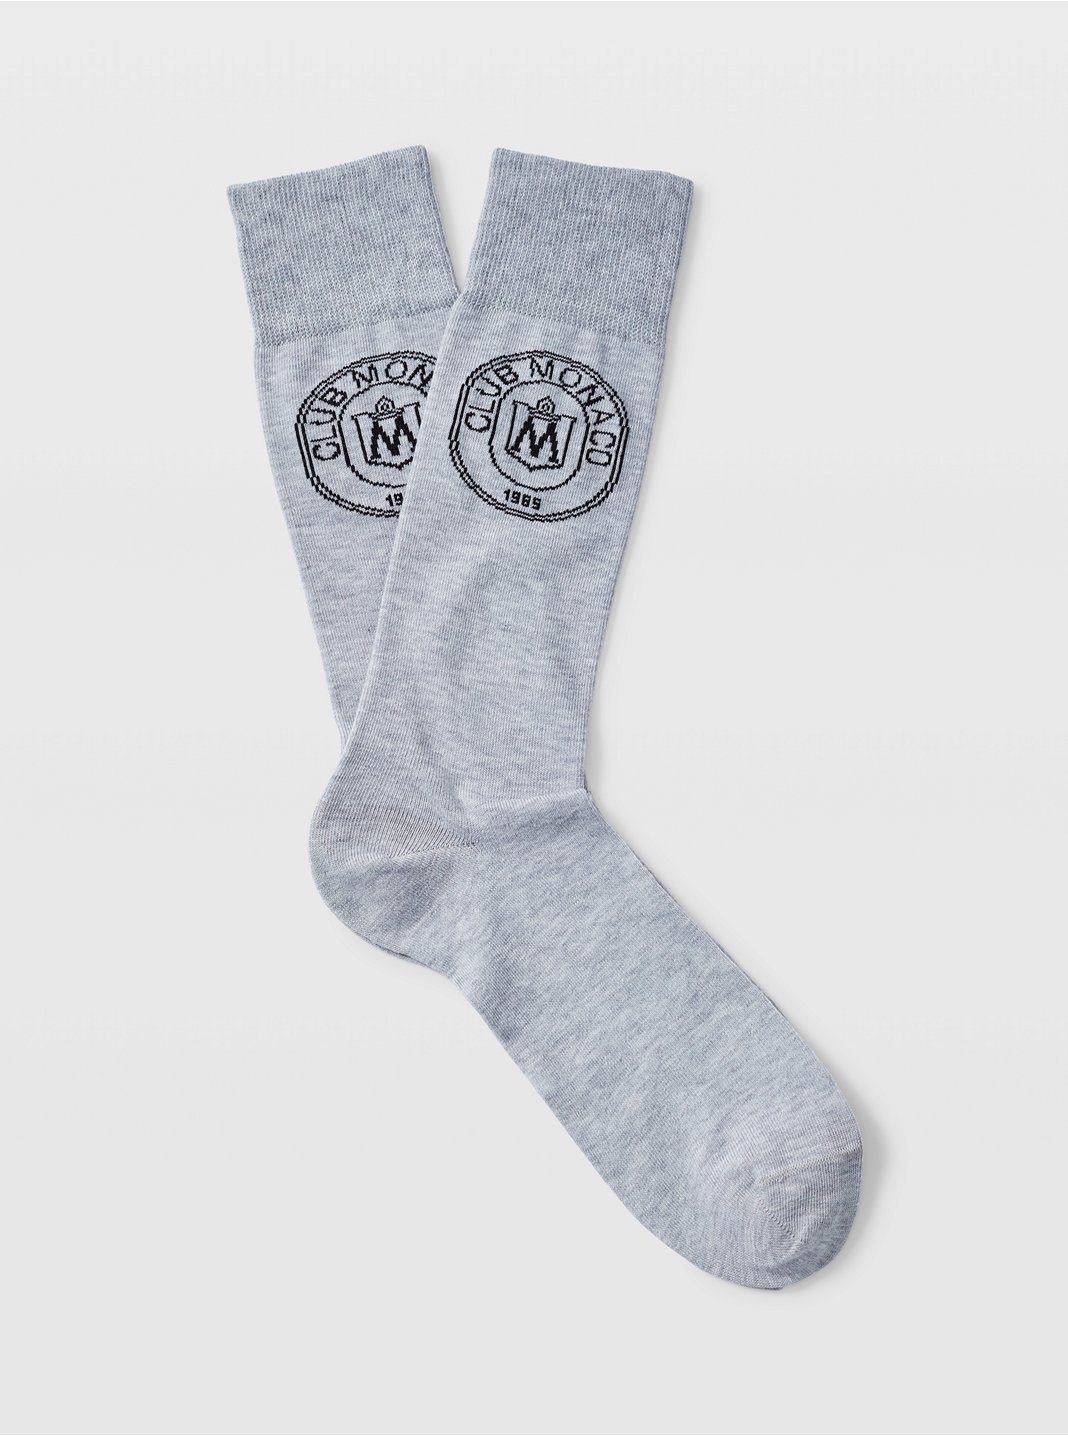 Embroidered Crest Socks